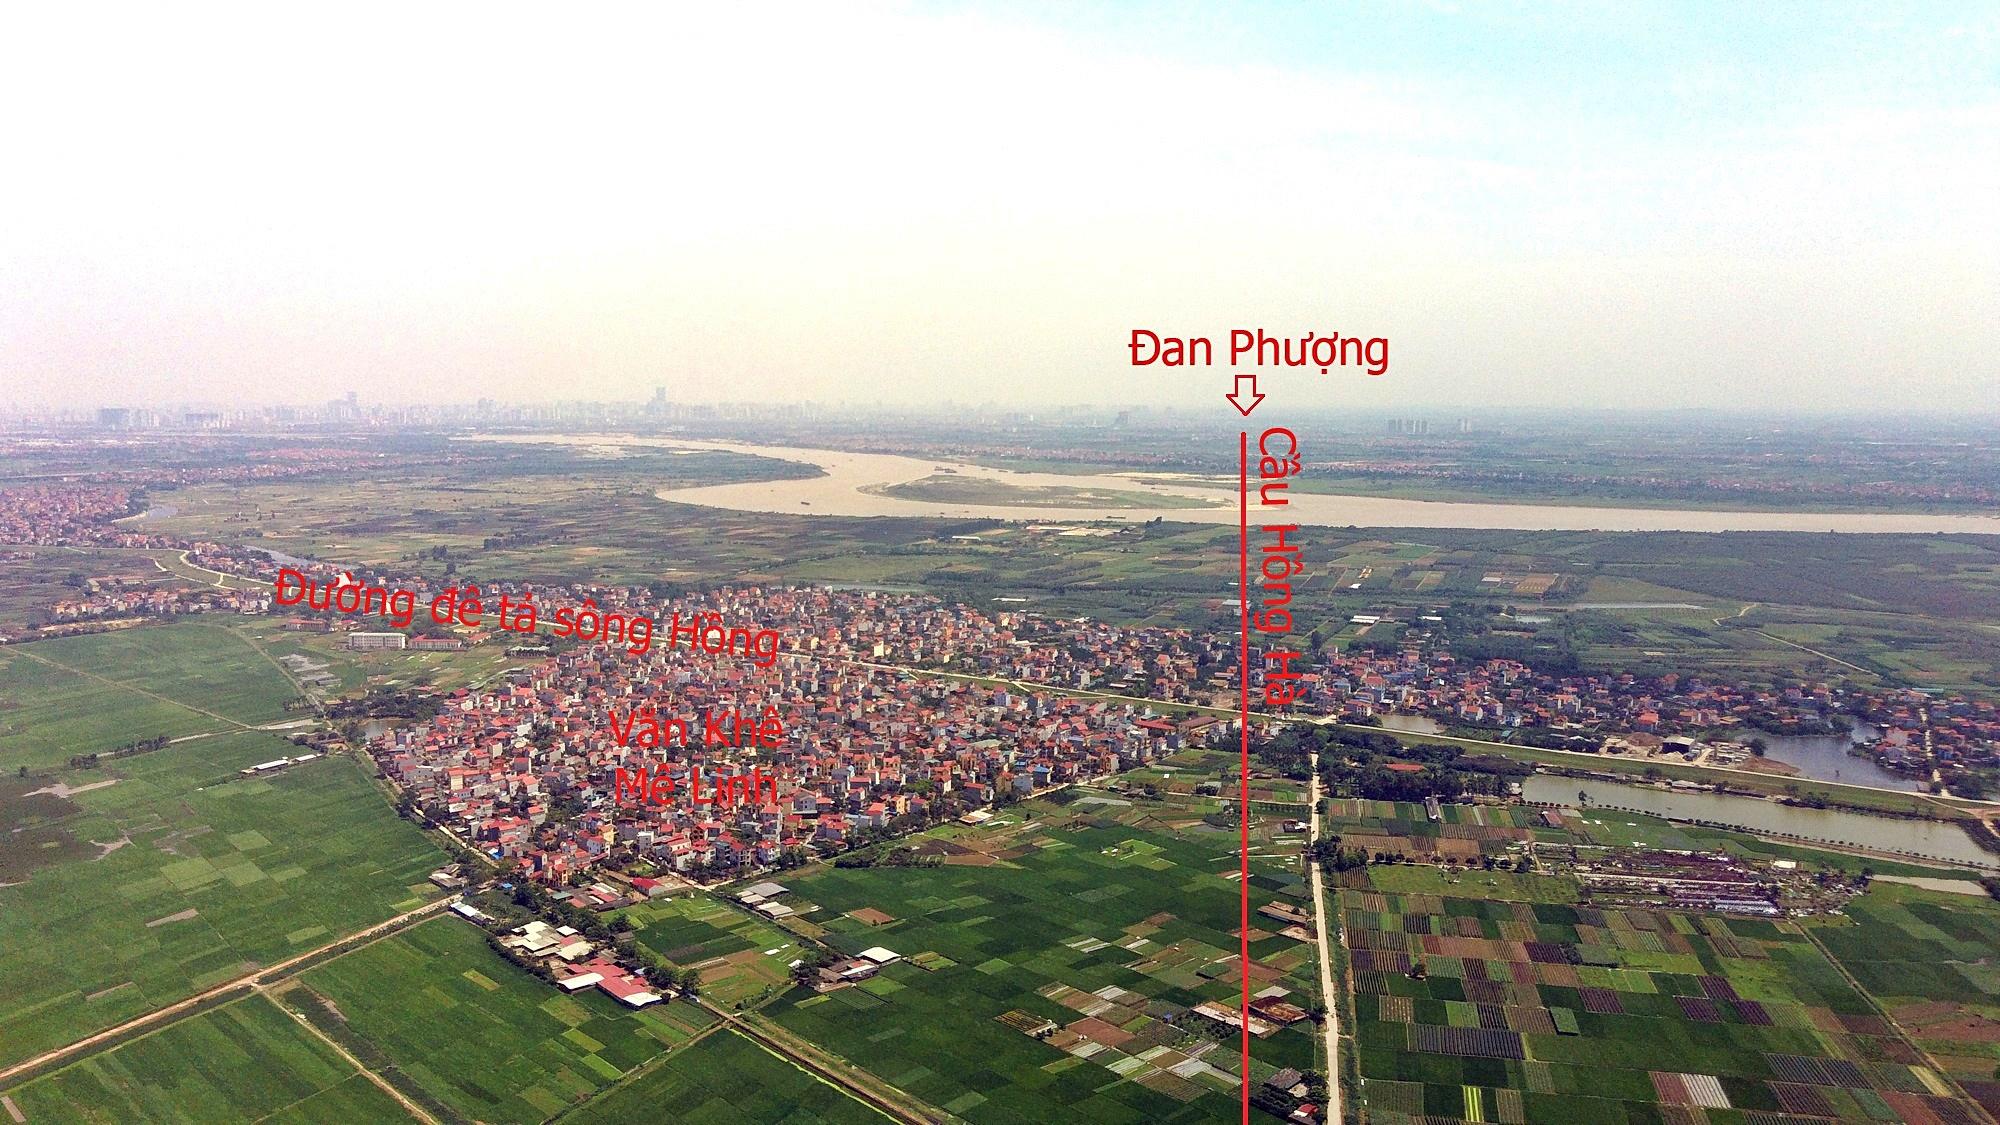 Cầu sẽ mở theo qui hoạch ở Hà Nội: Toàn cảnh vị trí làm cầu Hồng Hà nối Đan Phượng với Mê Linh - Ảnh 8.